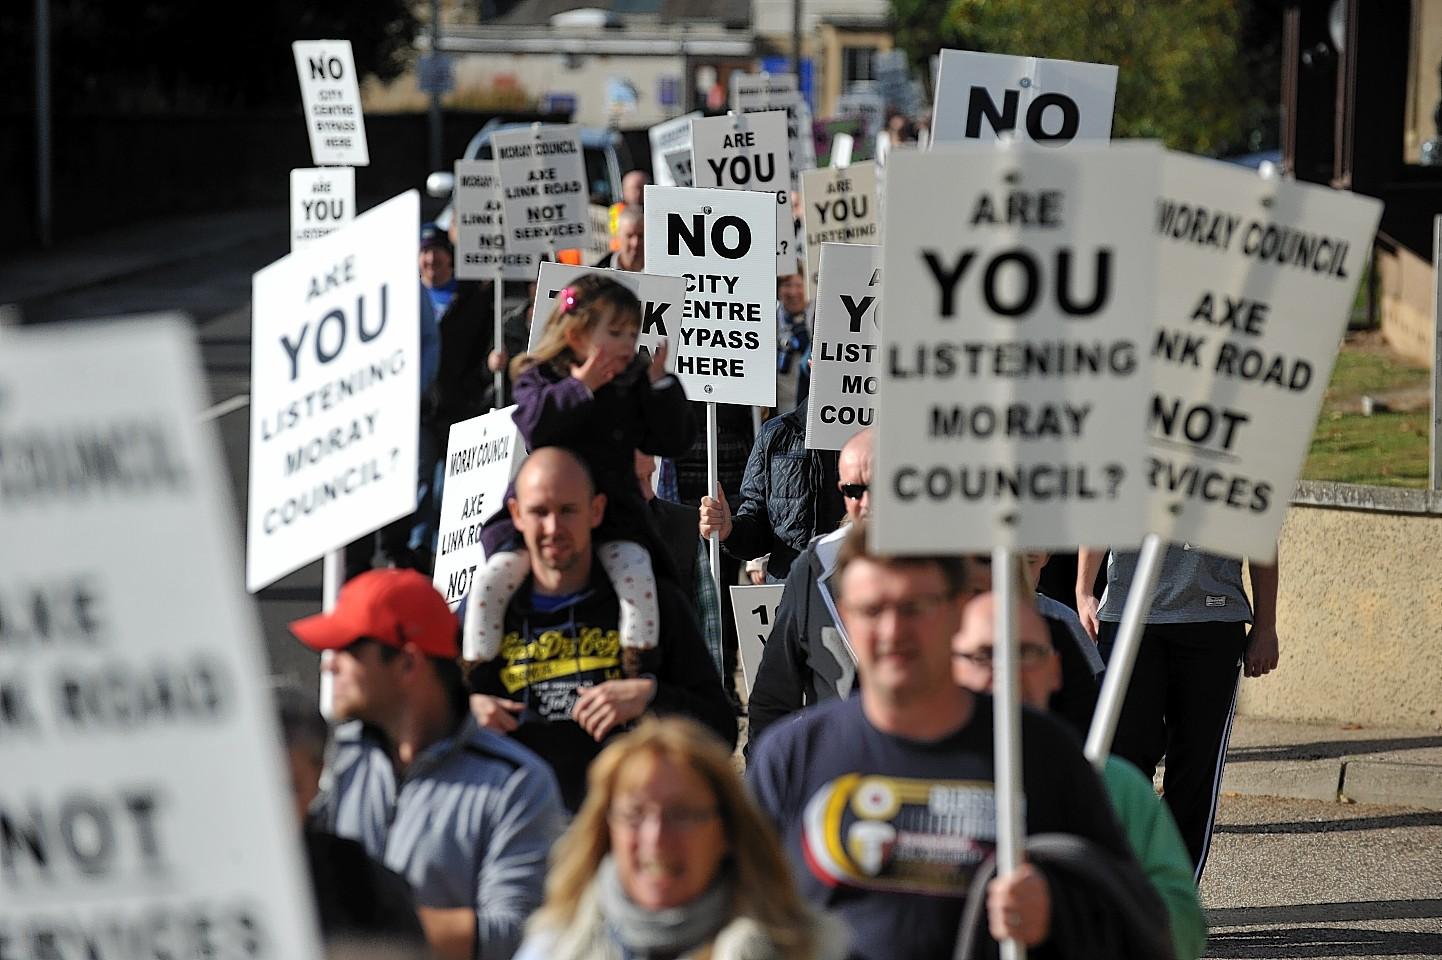 Elgin link road protest